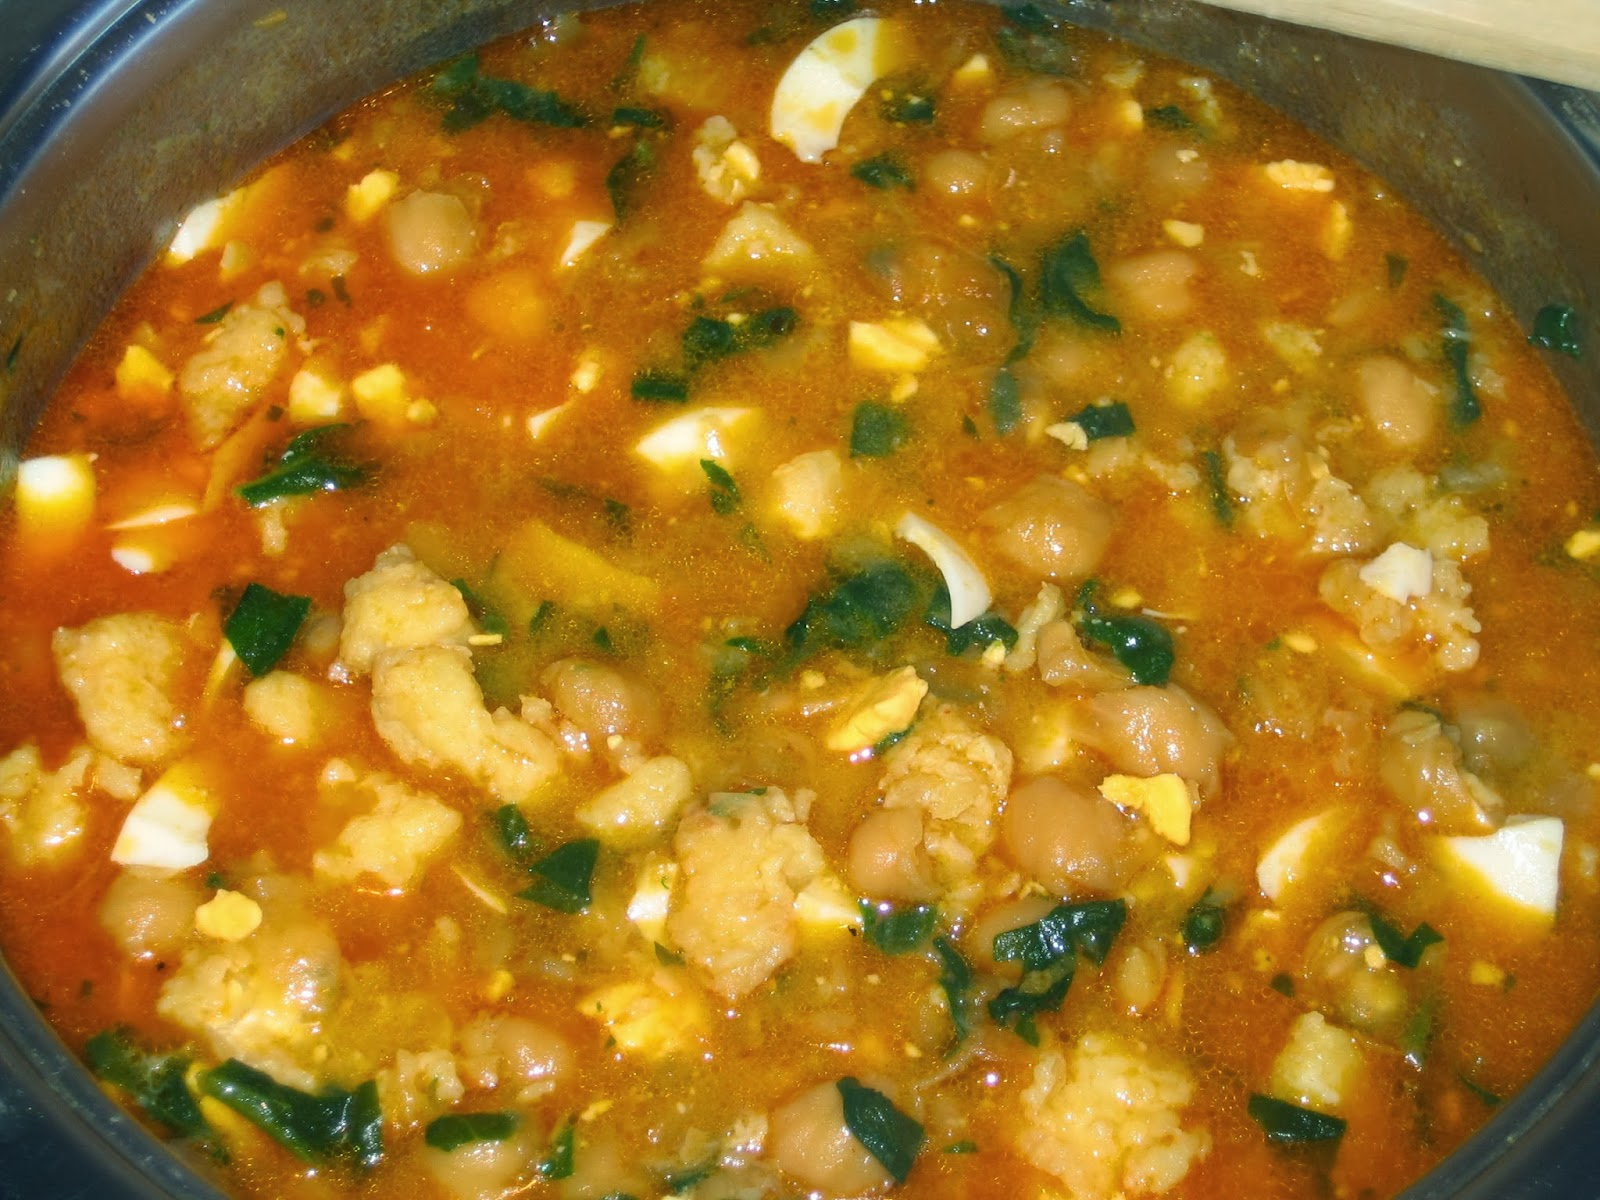 Come en mi cocina garbanzos con bacalao y espinacas el - Garbanzos espinacas bacalao ...